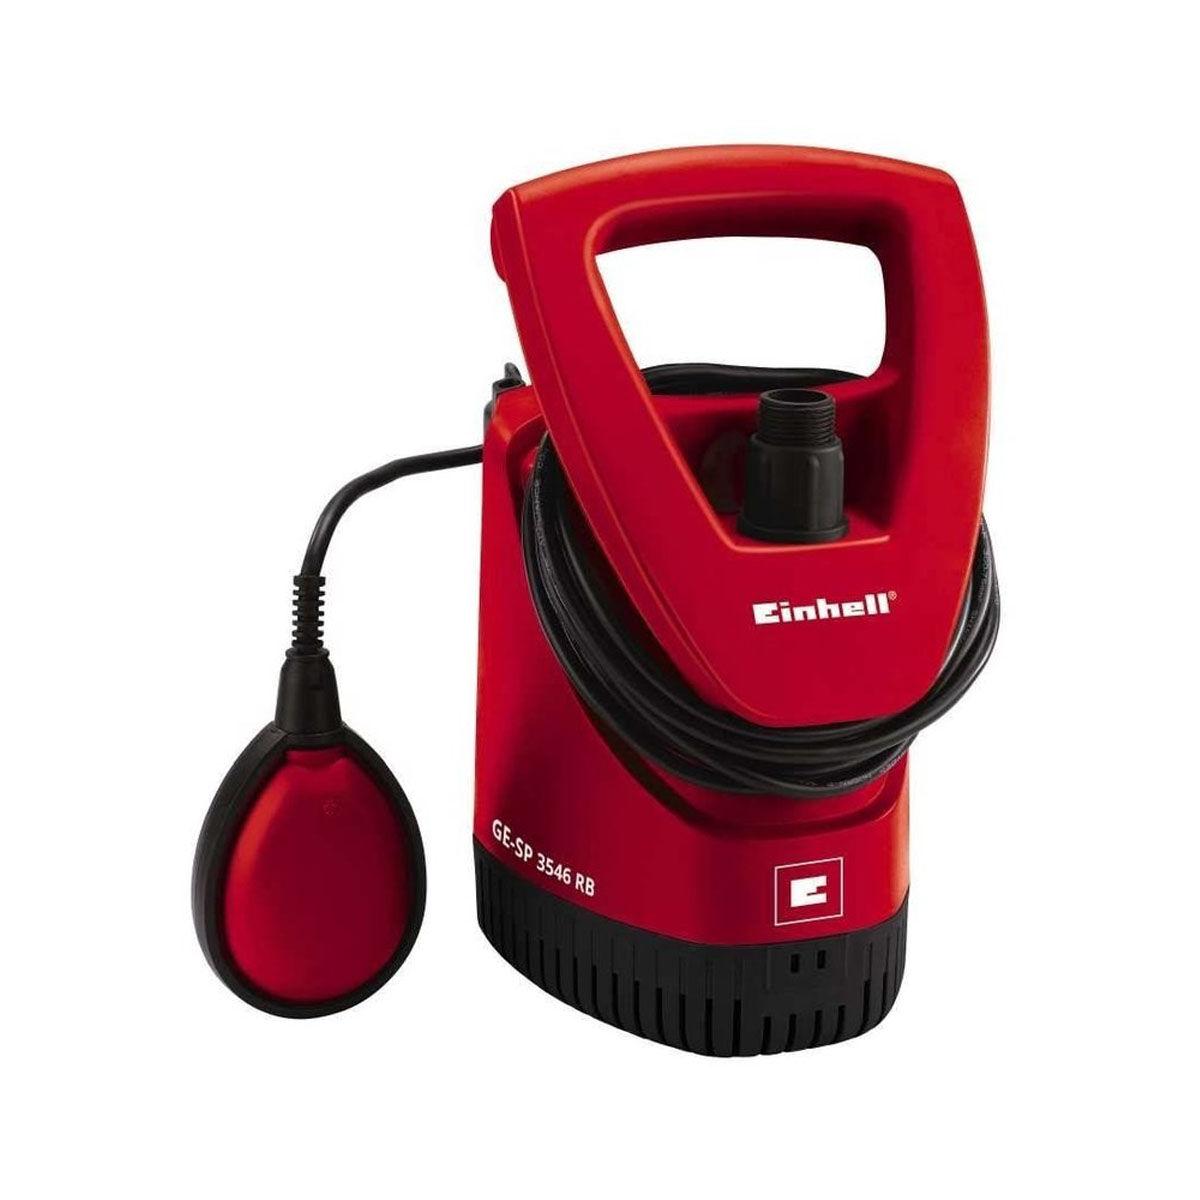 Einhell GE-SP 3546 RB Pompe pour collecteur d'eau de pluie